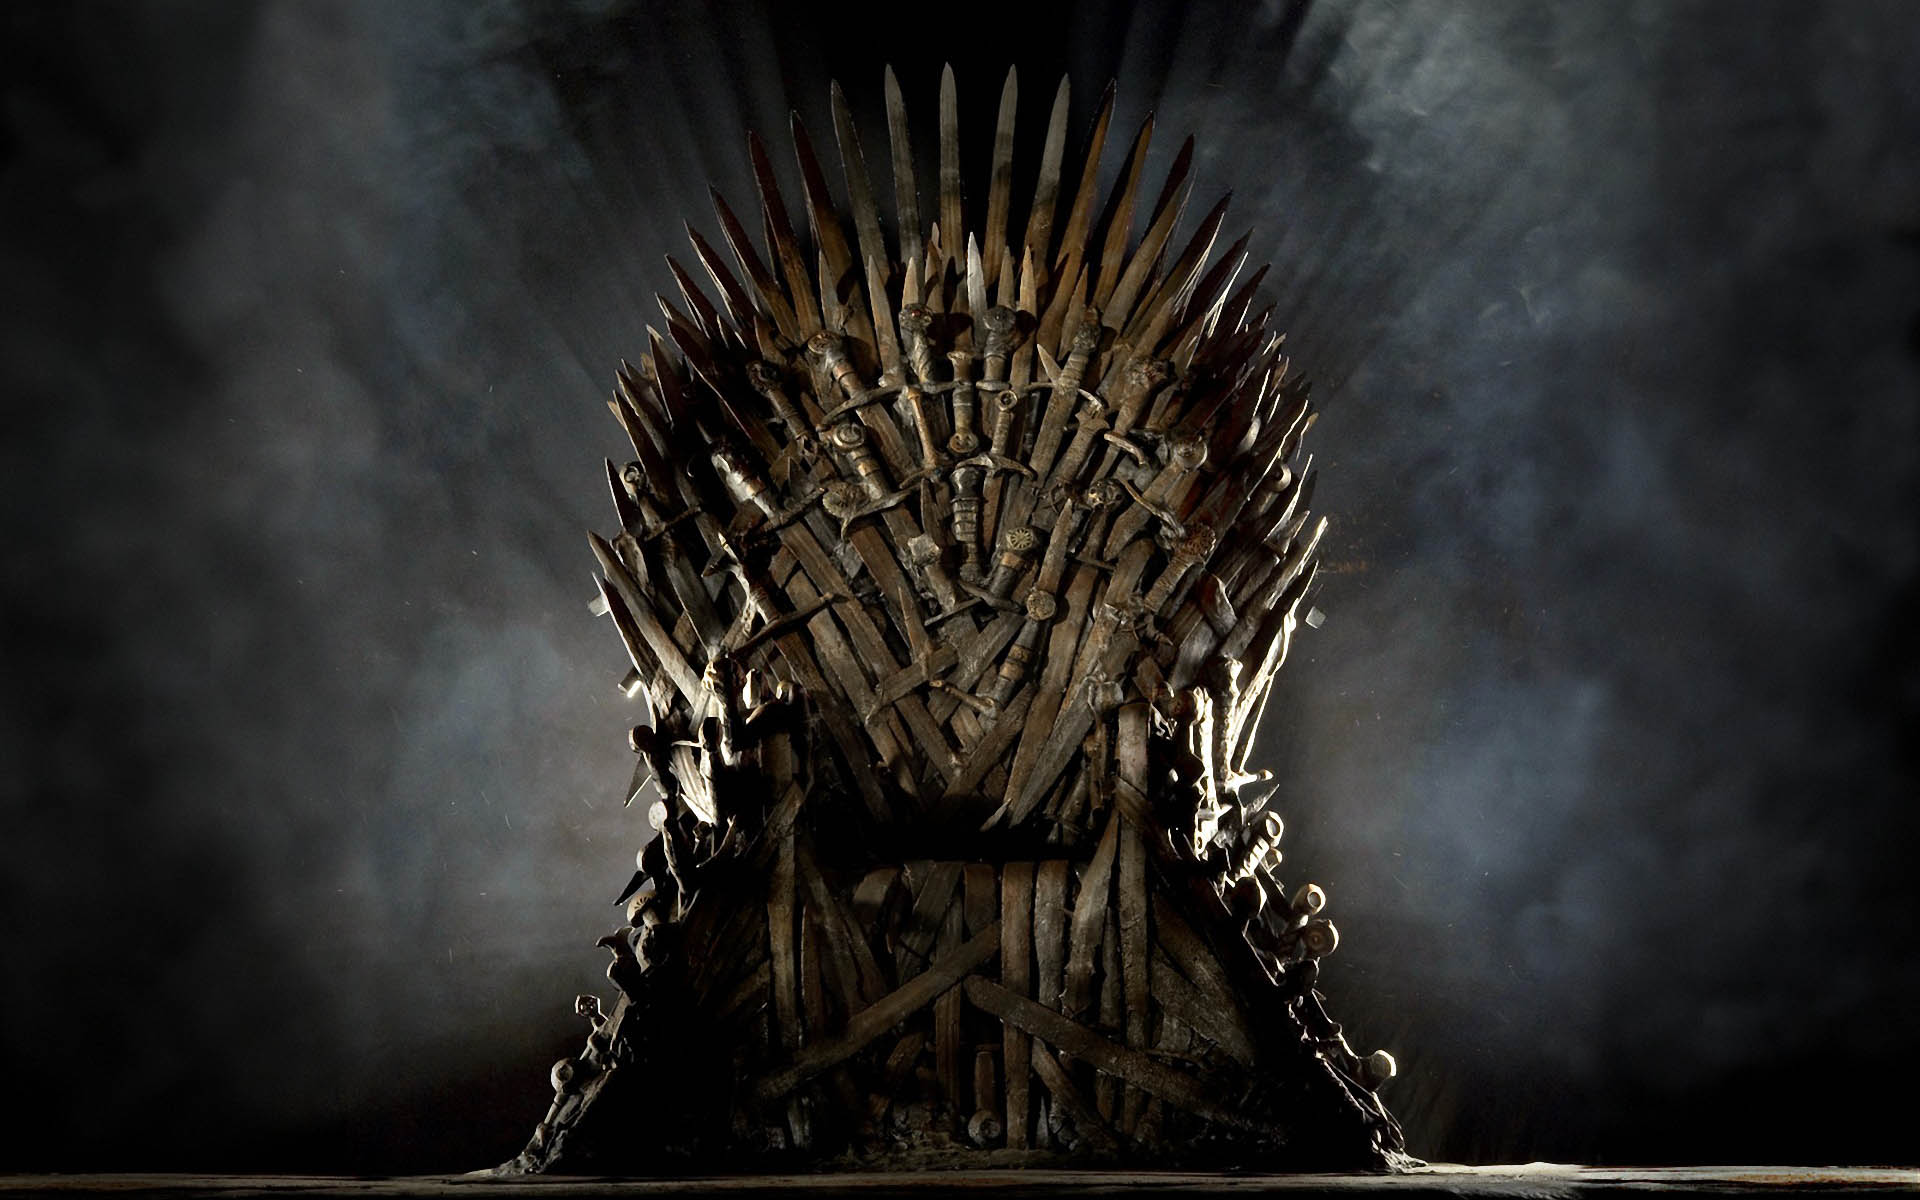 SDCC: Elenco de Game of Thrones comparte sus teorías acerca del Trono de Hierro